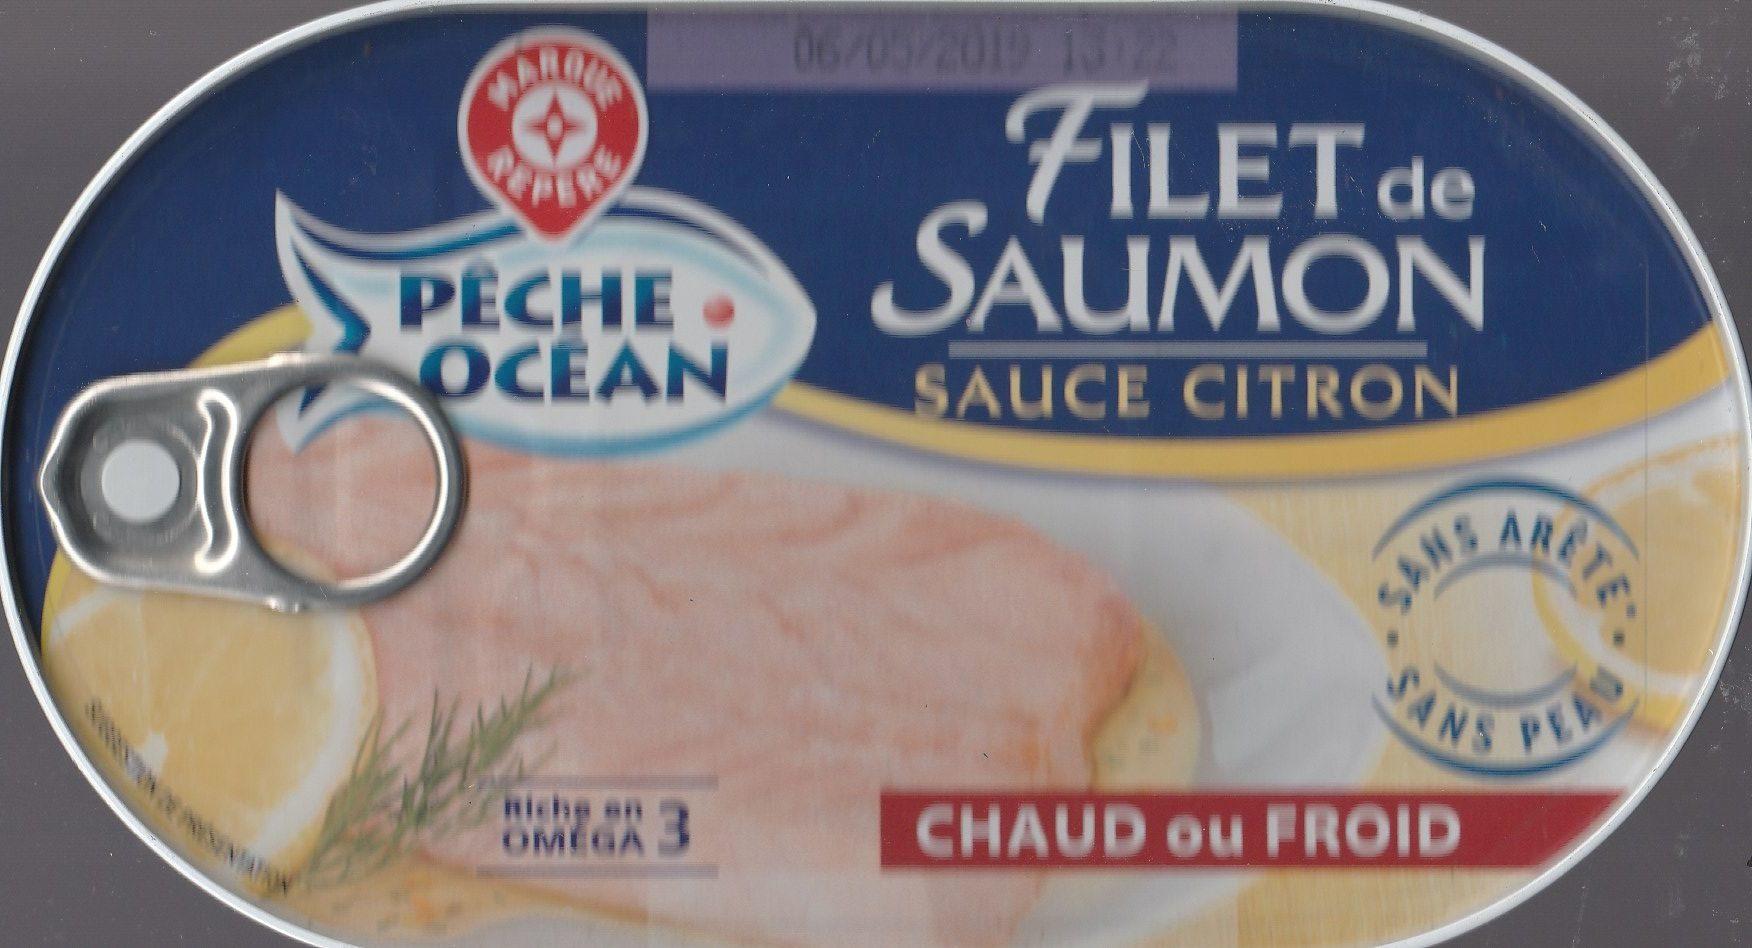 Filet de Saumon sauce citron - Produit